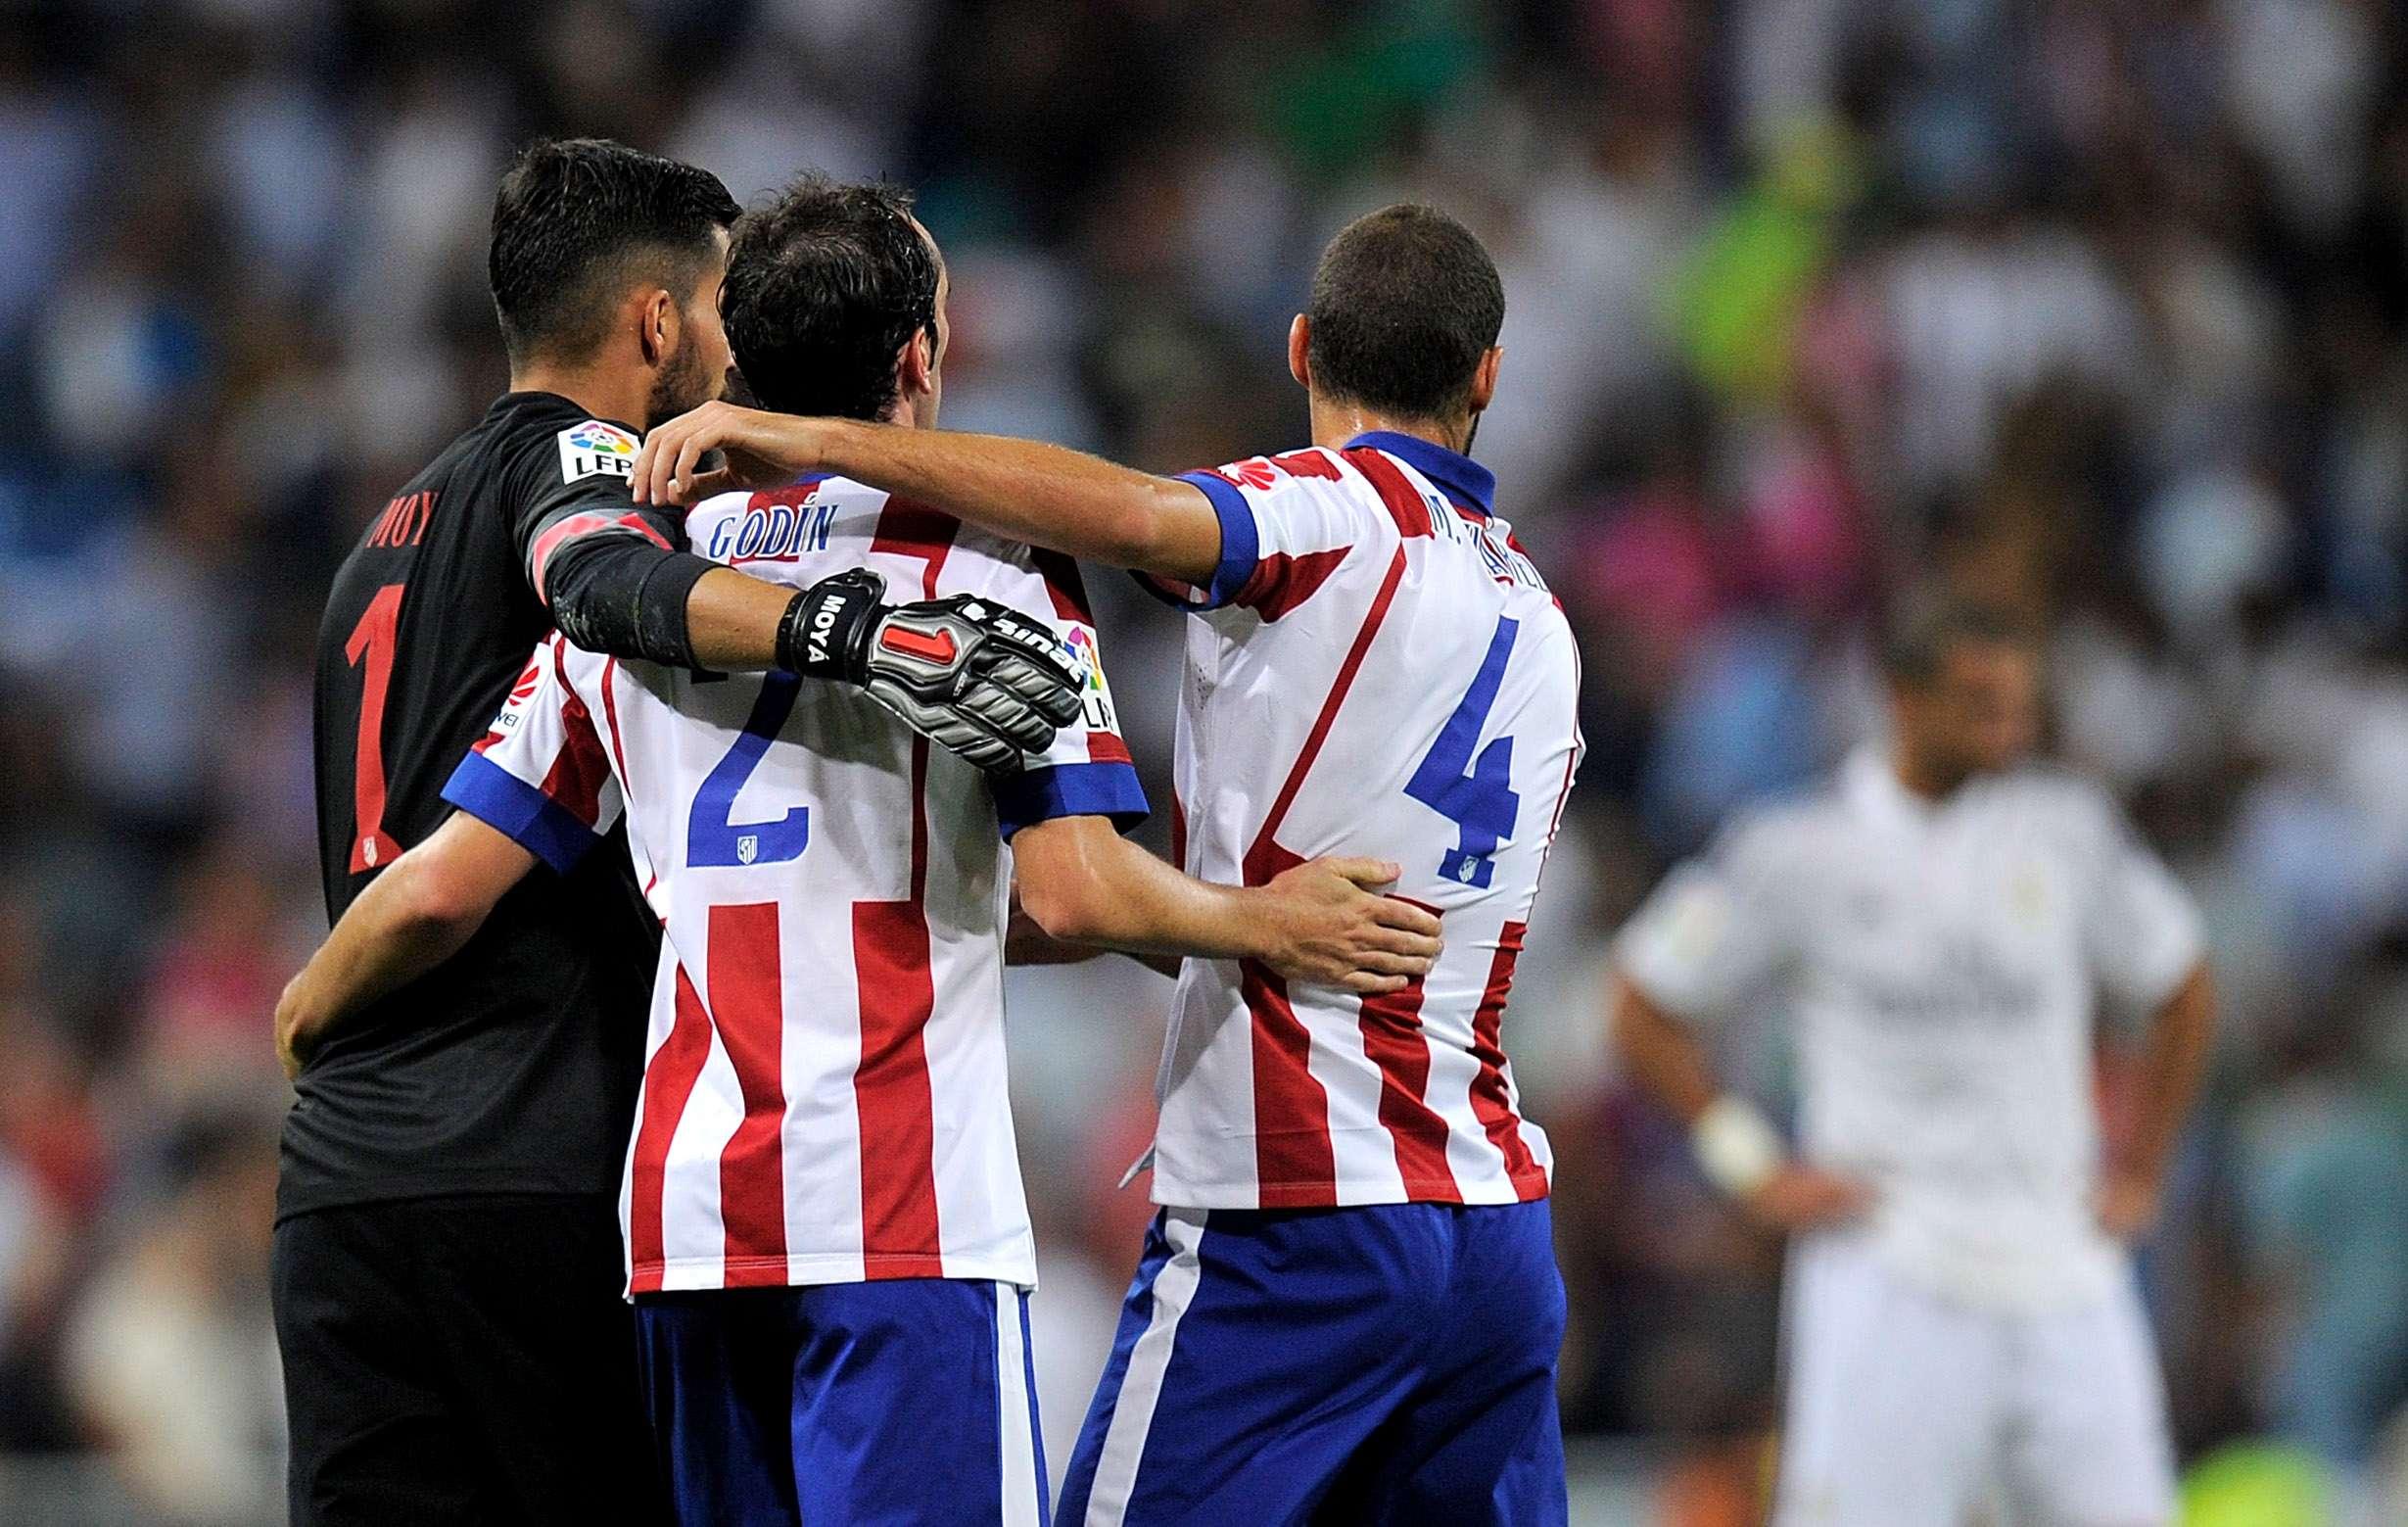 El próximo 7 de enero, el primer derbi madrileño será en Copa del Rey. Foto: Getty Images